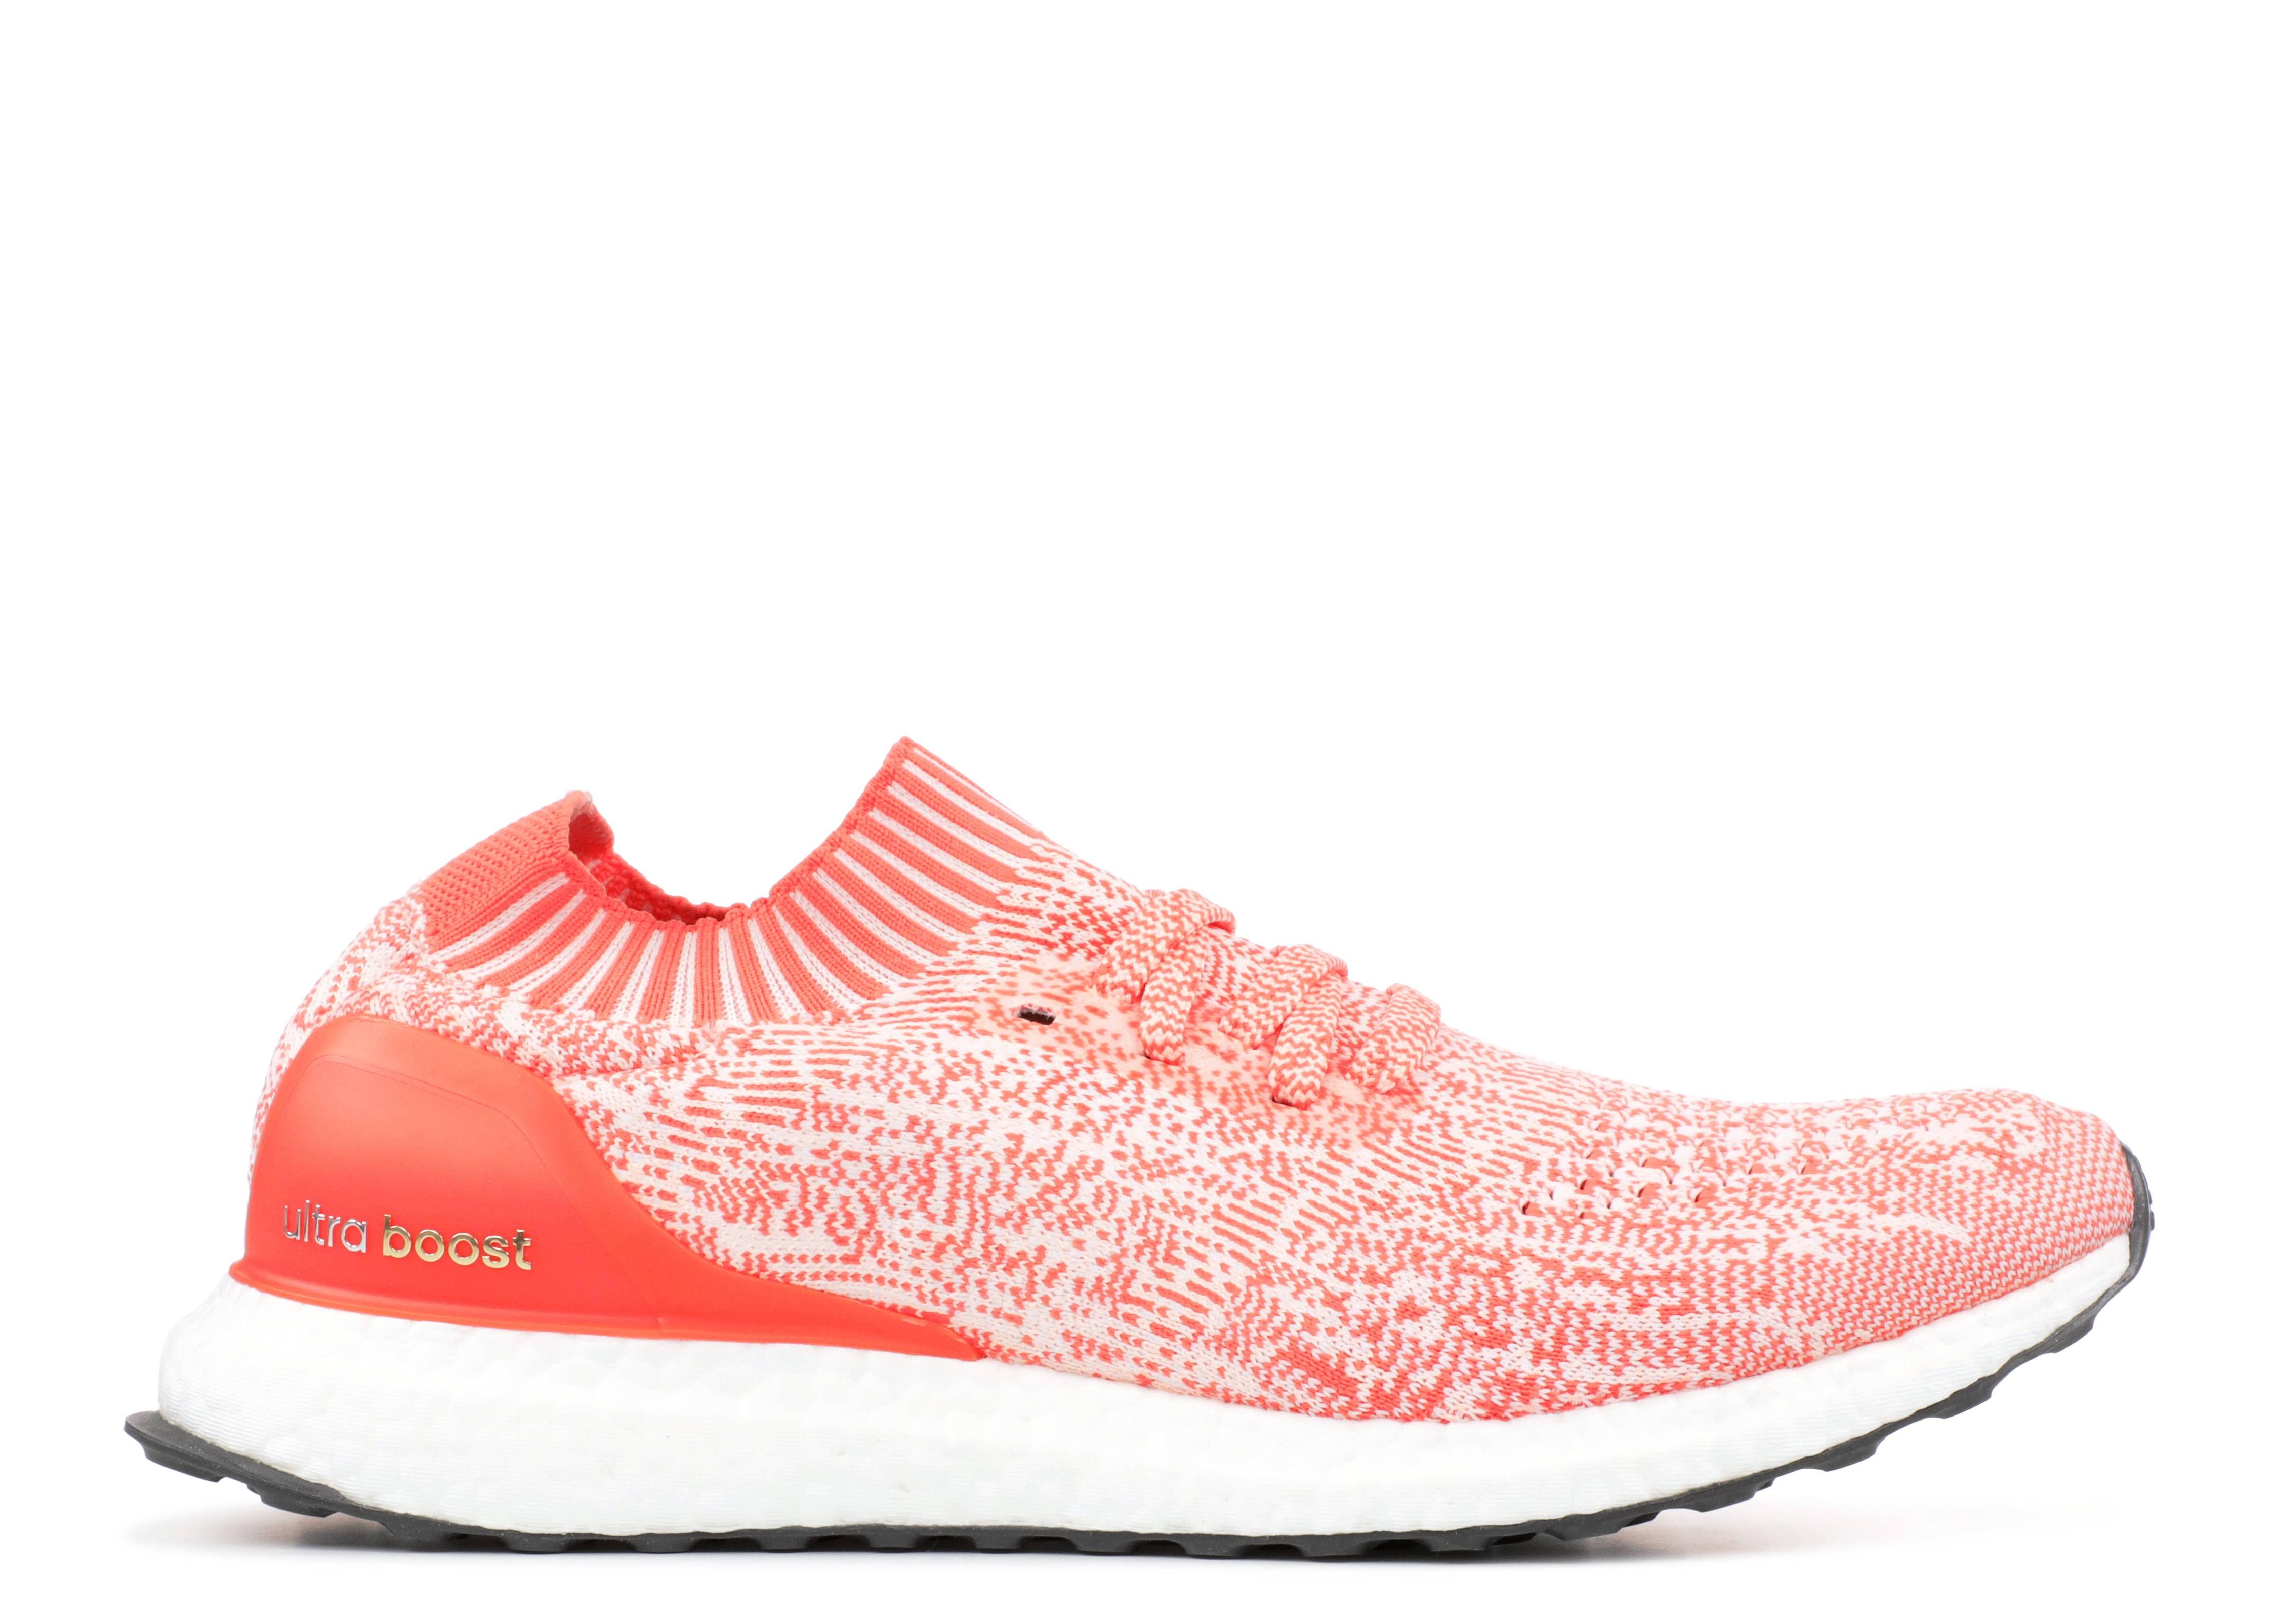 57de544ba80 Ultraboost Uncaged W - Adidas - ba7932 - pink white